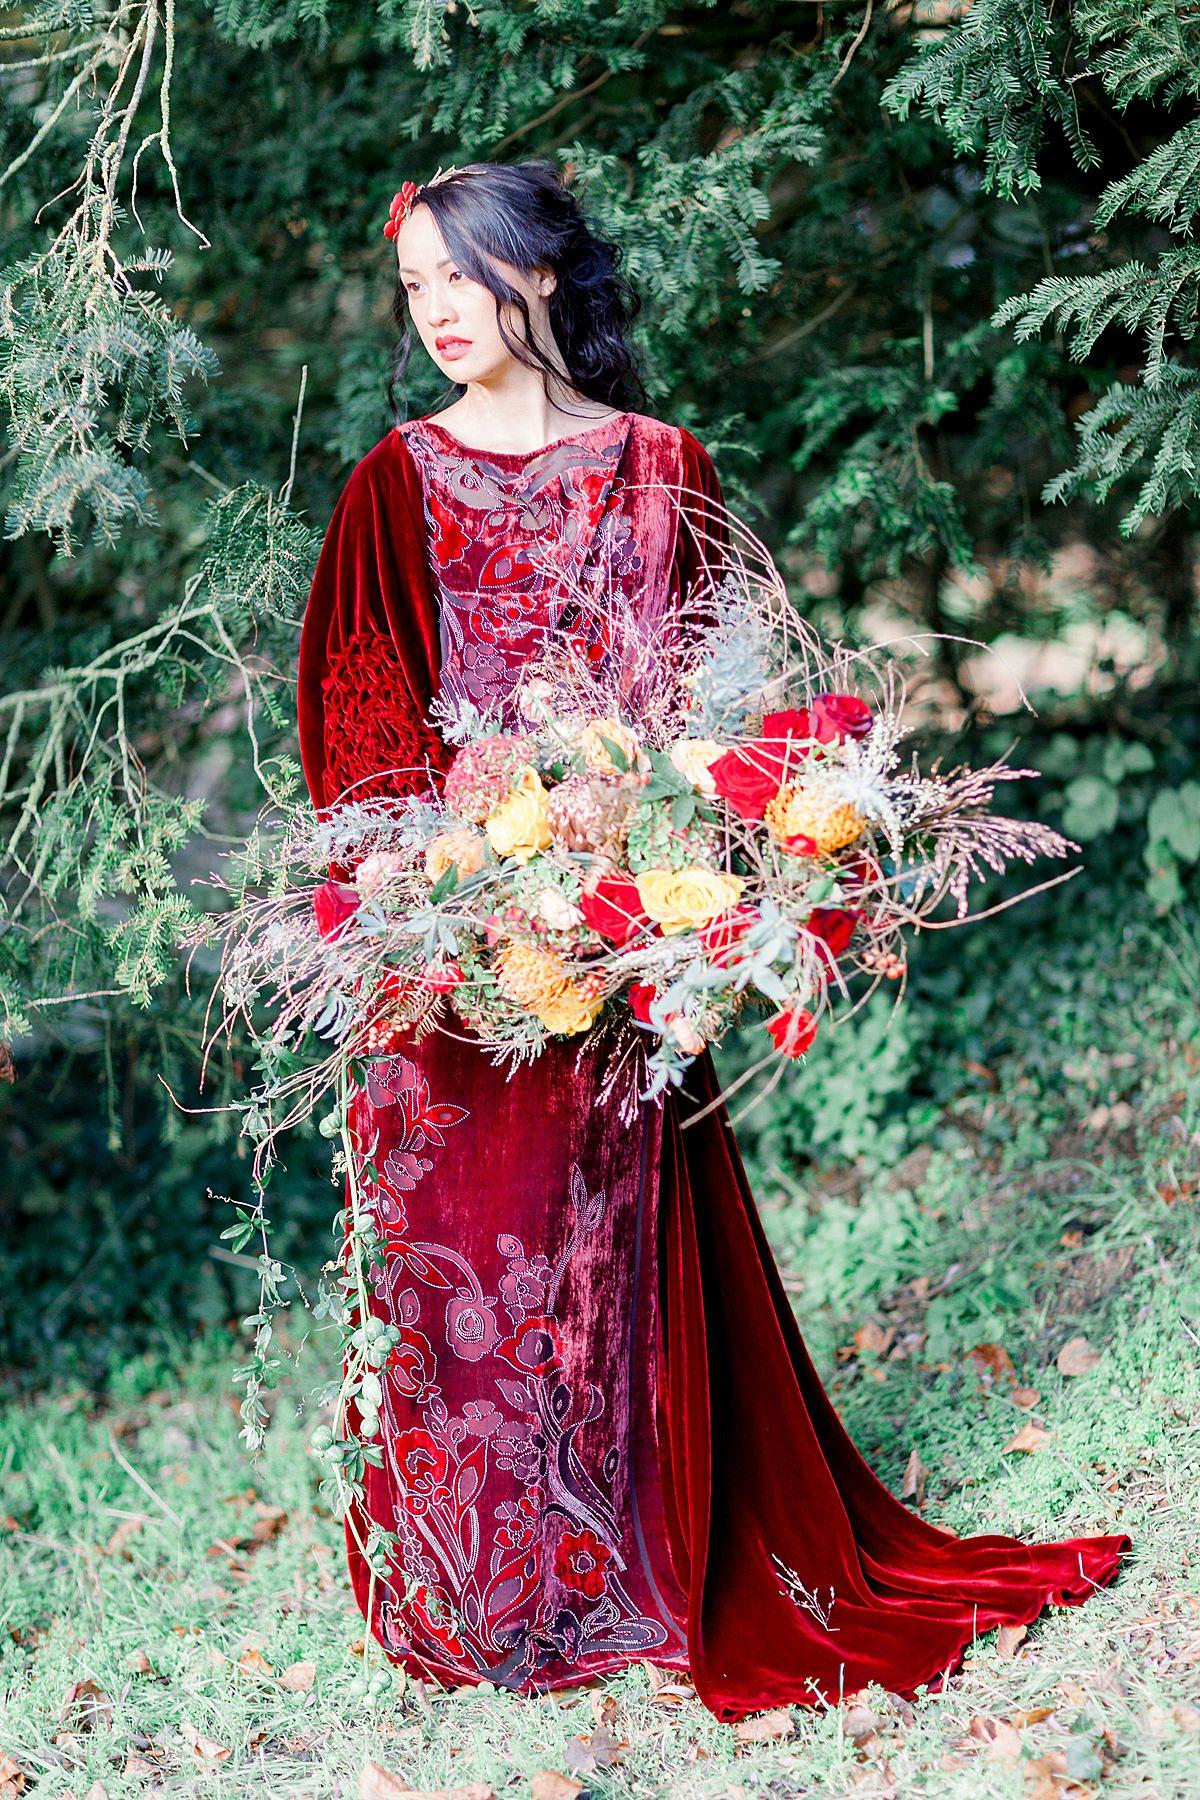 Briar-Rose-Red-Velvet-Exterior-JFD-JoBradbury (8).jpg